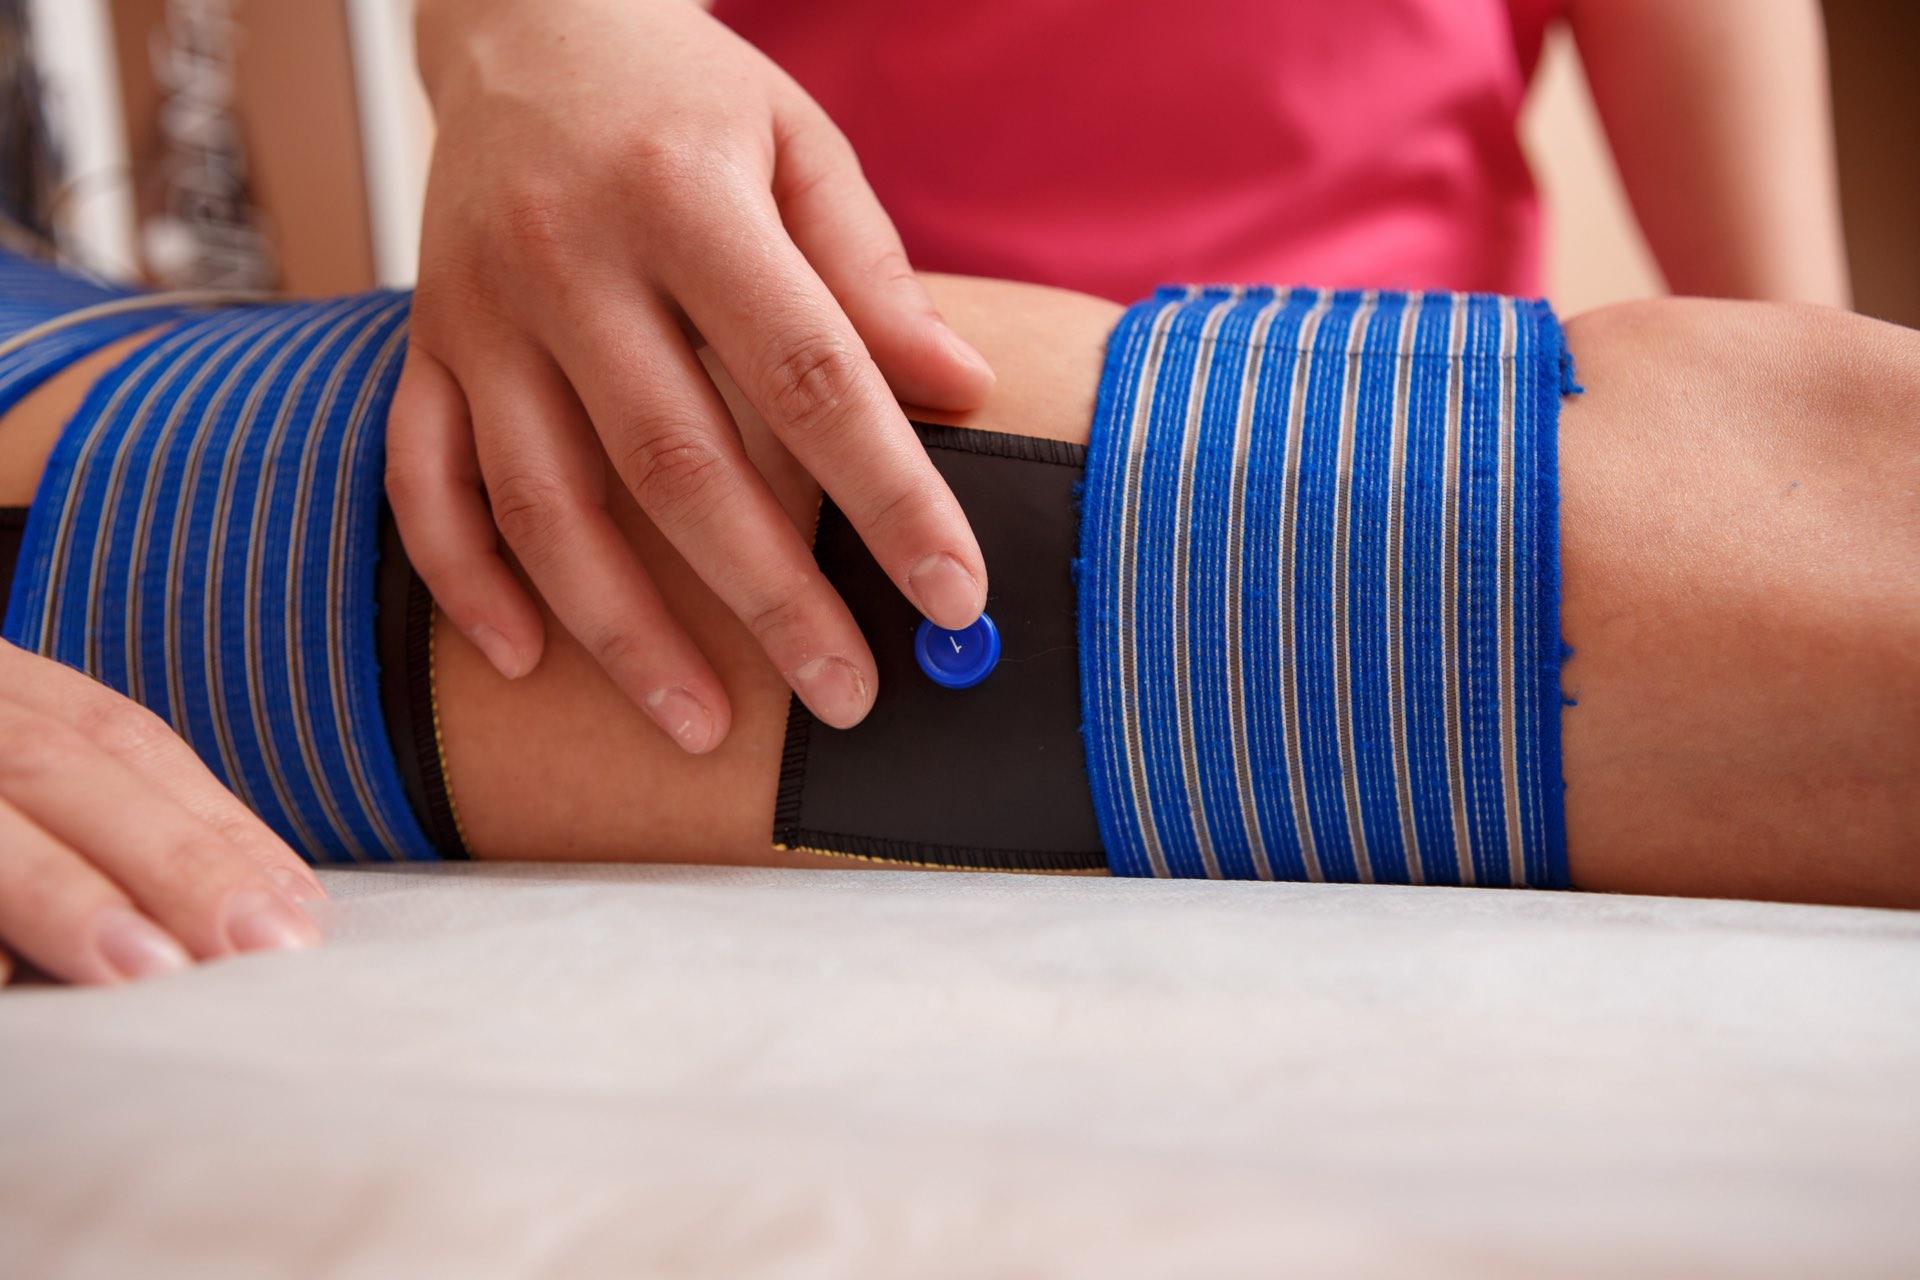 Bioelektrische Impulse am Knie